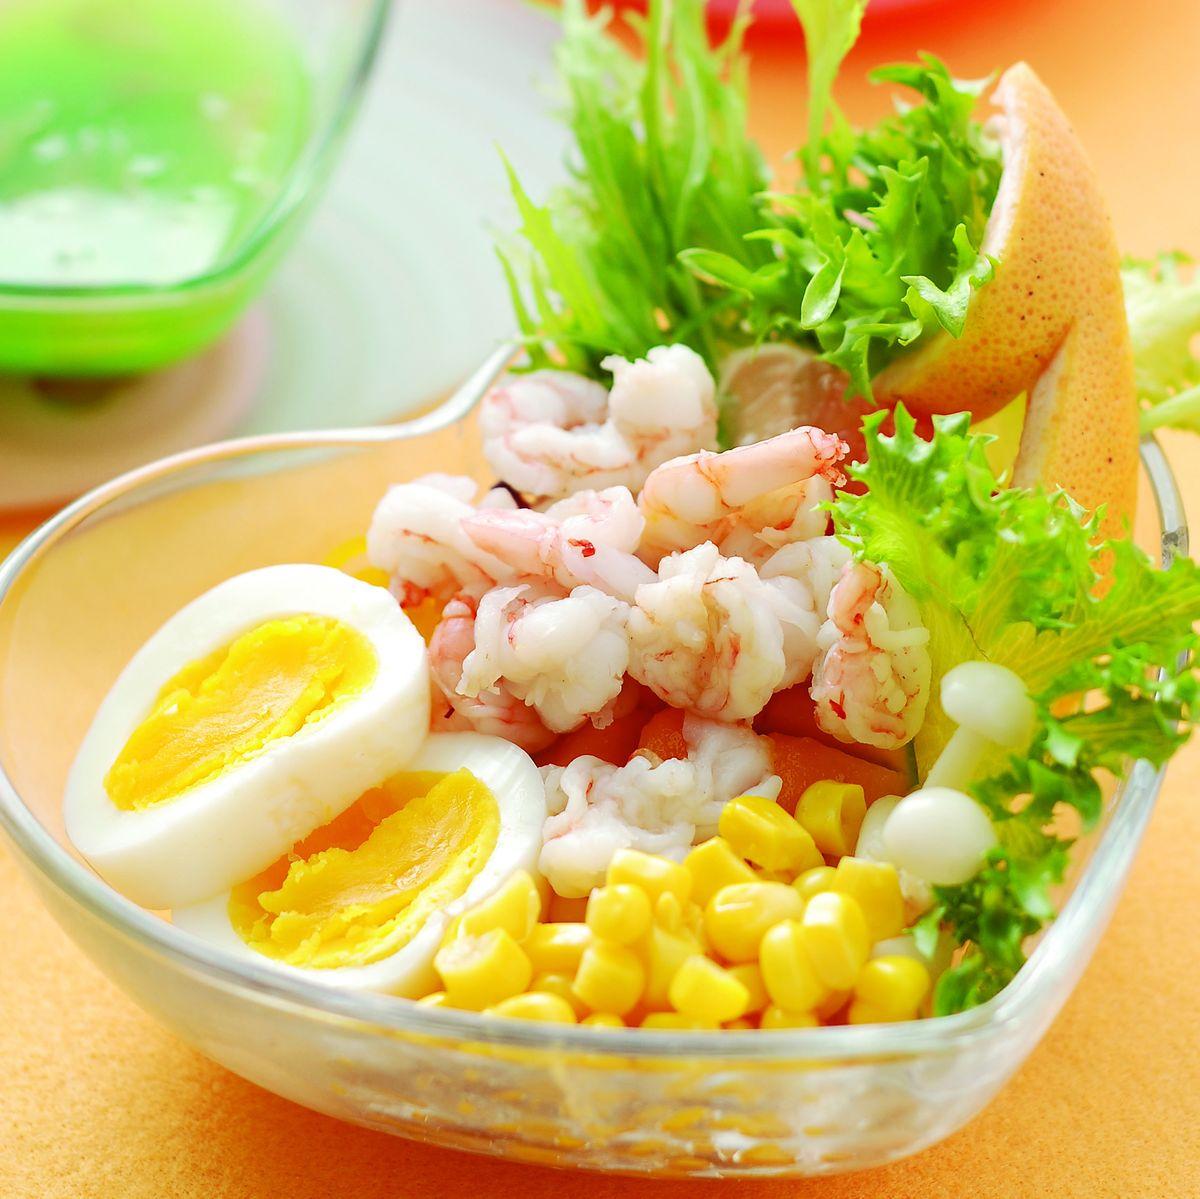 食譜:鮮蝦生菜沙拉